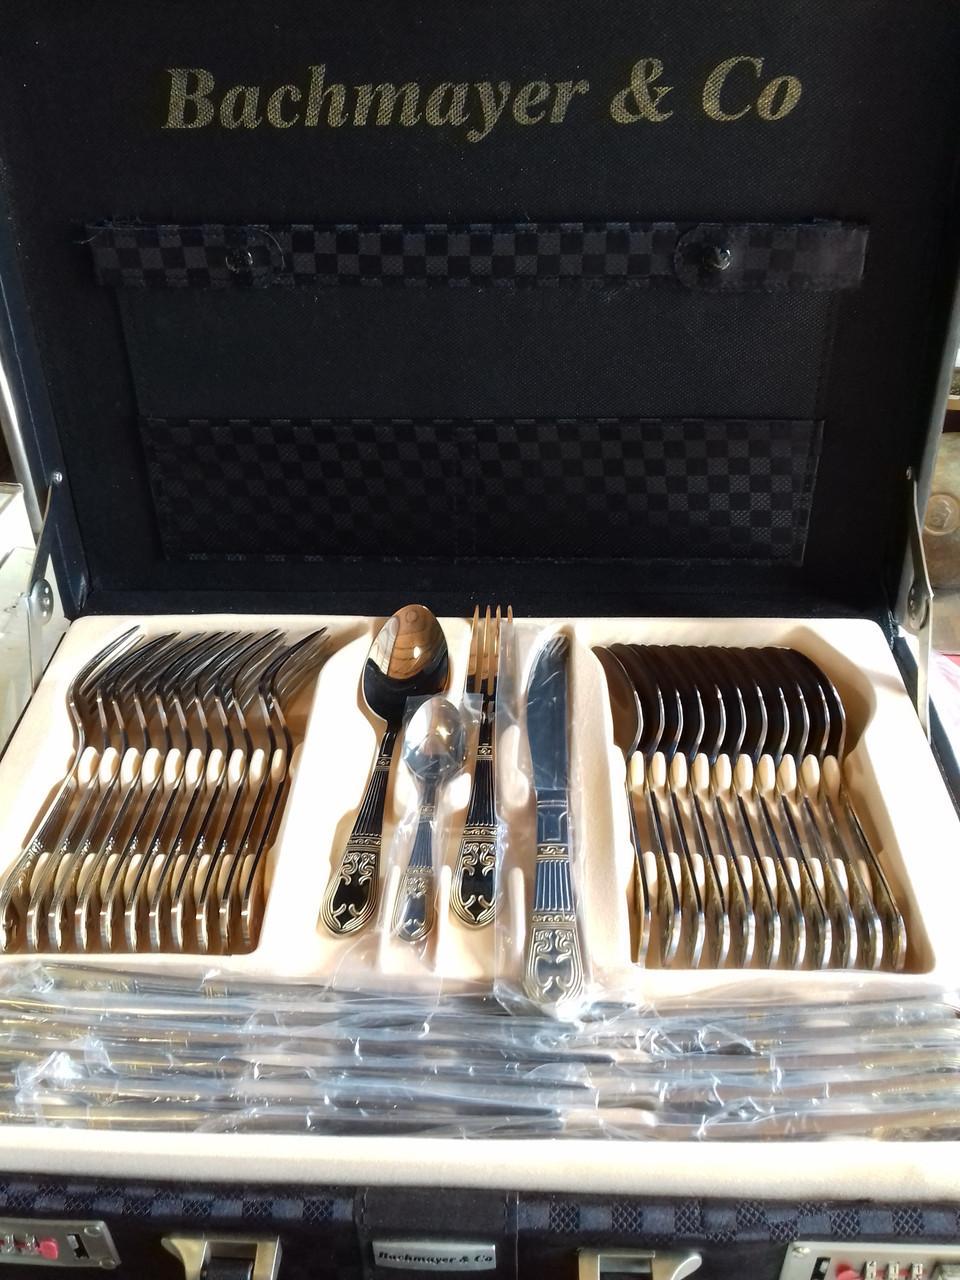 Набор фраже в чемодане Bachmayer BM 7290 набор столовых приборов 72 предмета красивый дизайн